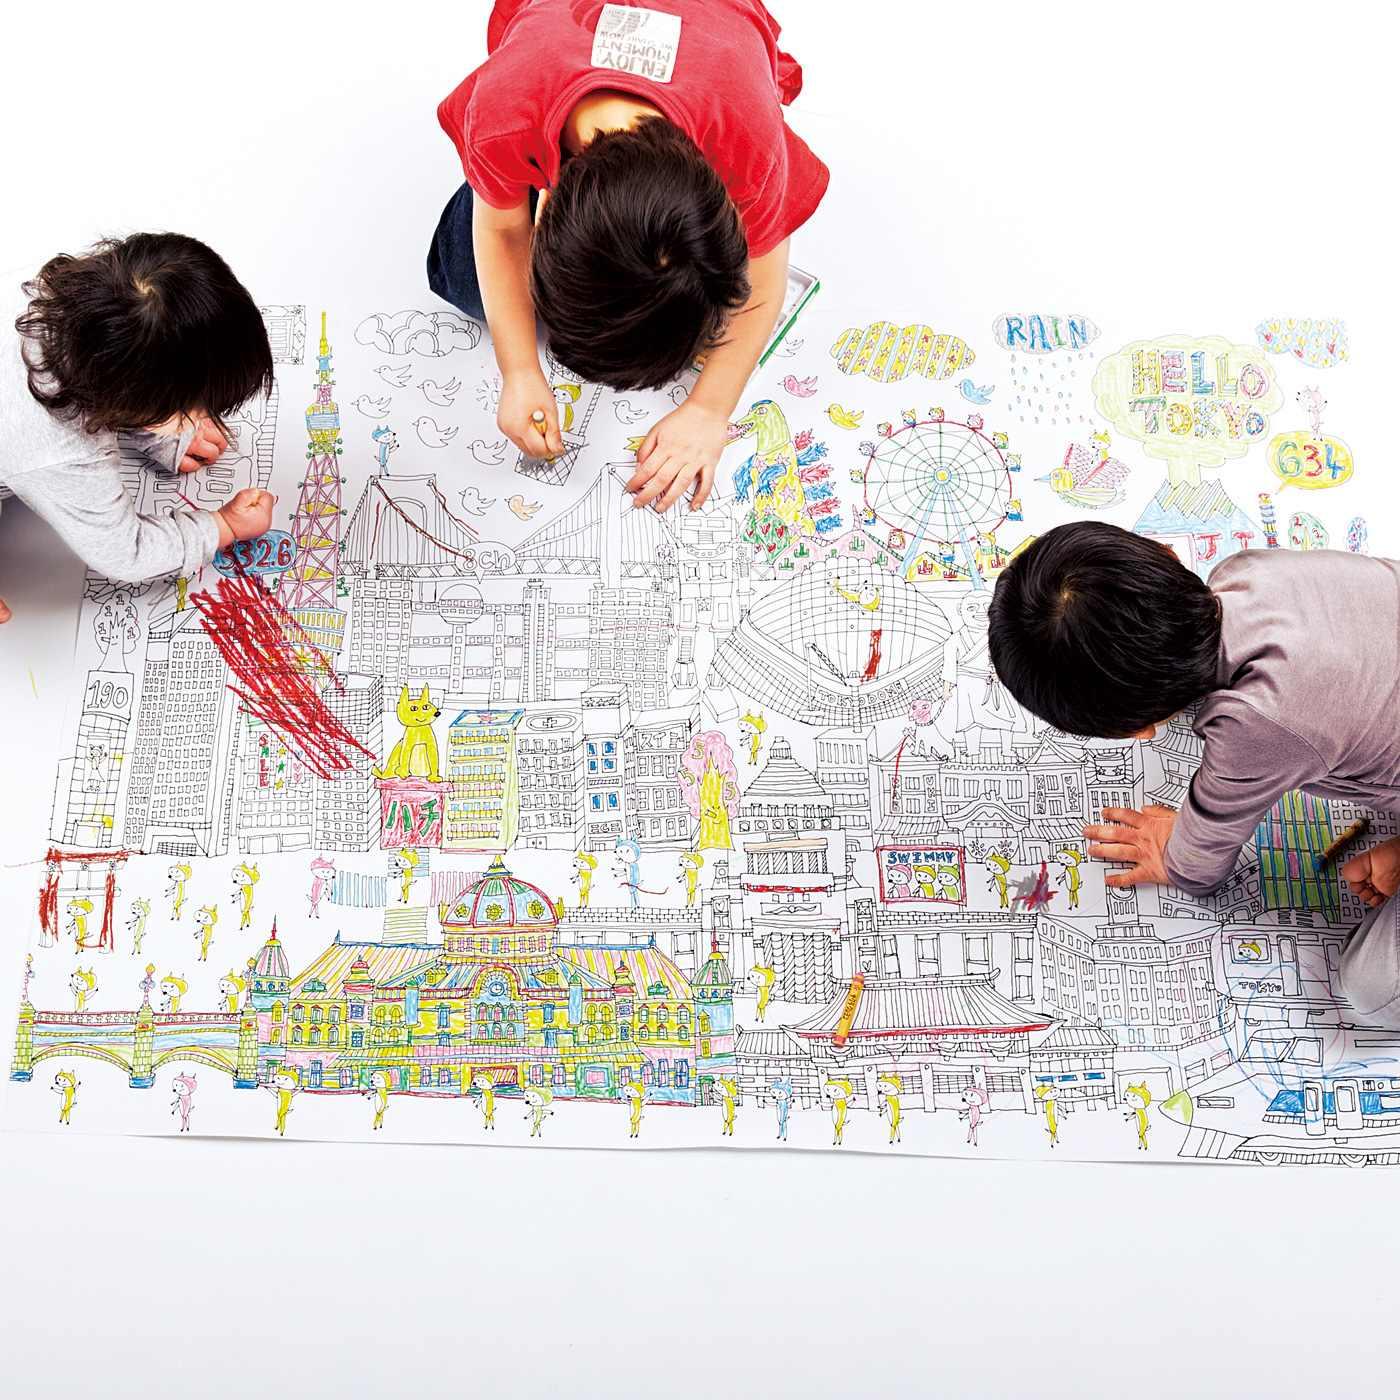 A0サイズ(119×84cm)の巨大サイズのキャンバスは、ぬりごたえたっぷり。完成したぬり絵は飾って楽しめます。